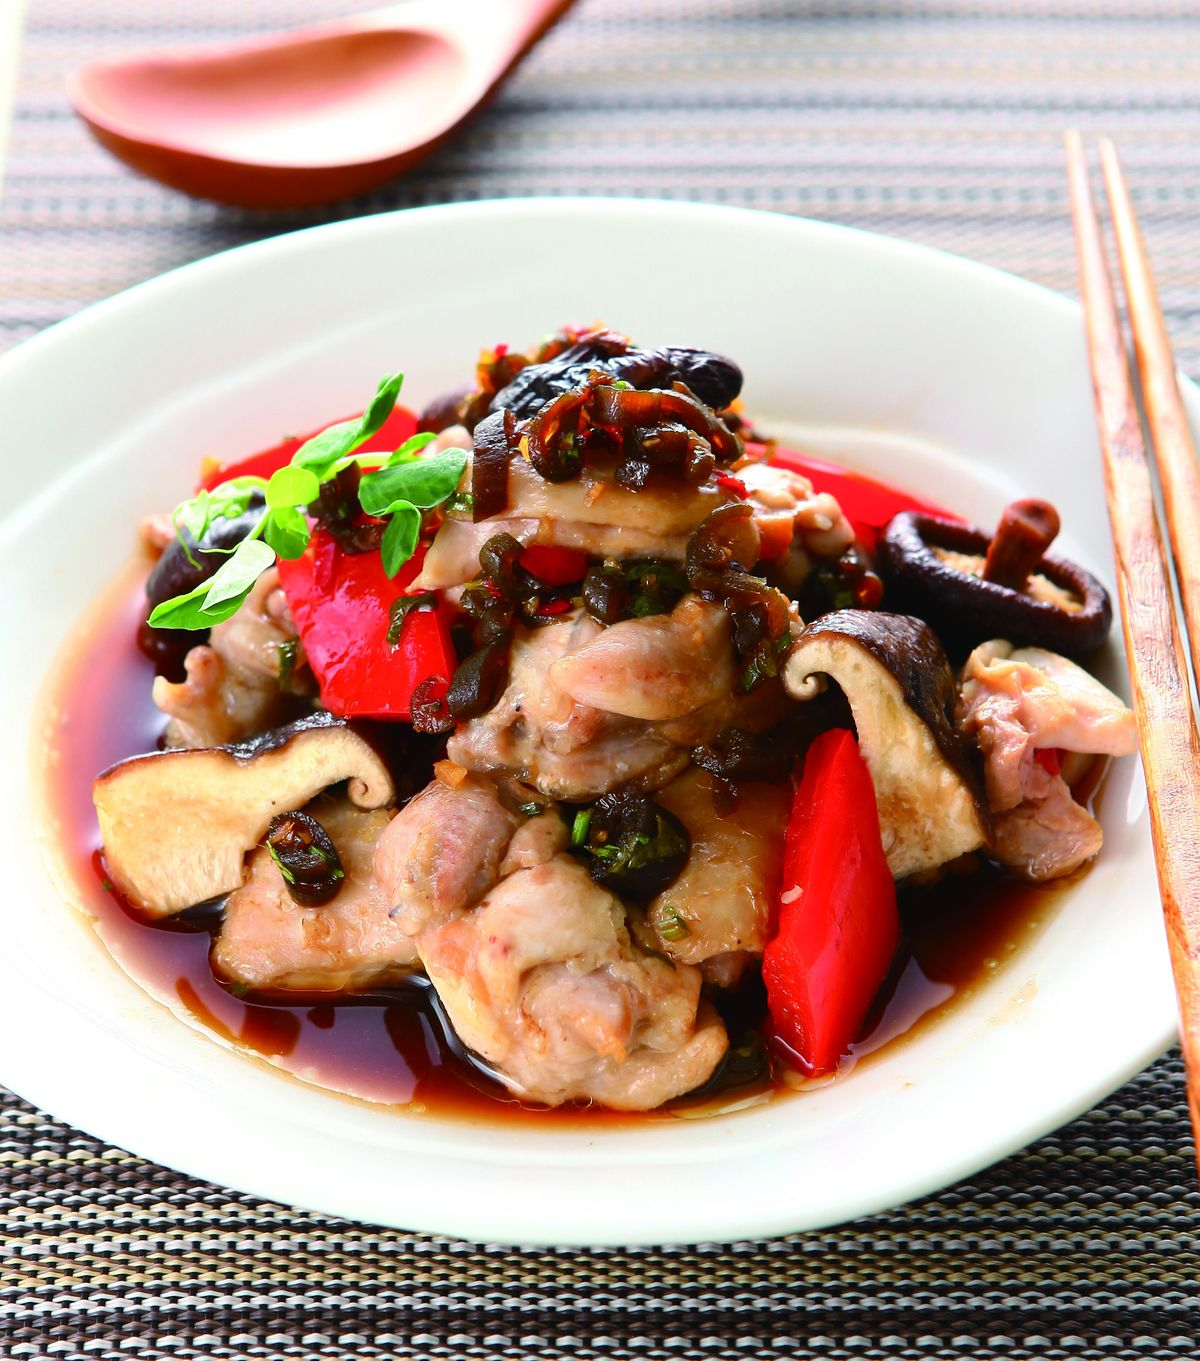 食譜:剝皮辣醬蒸雞